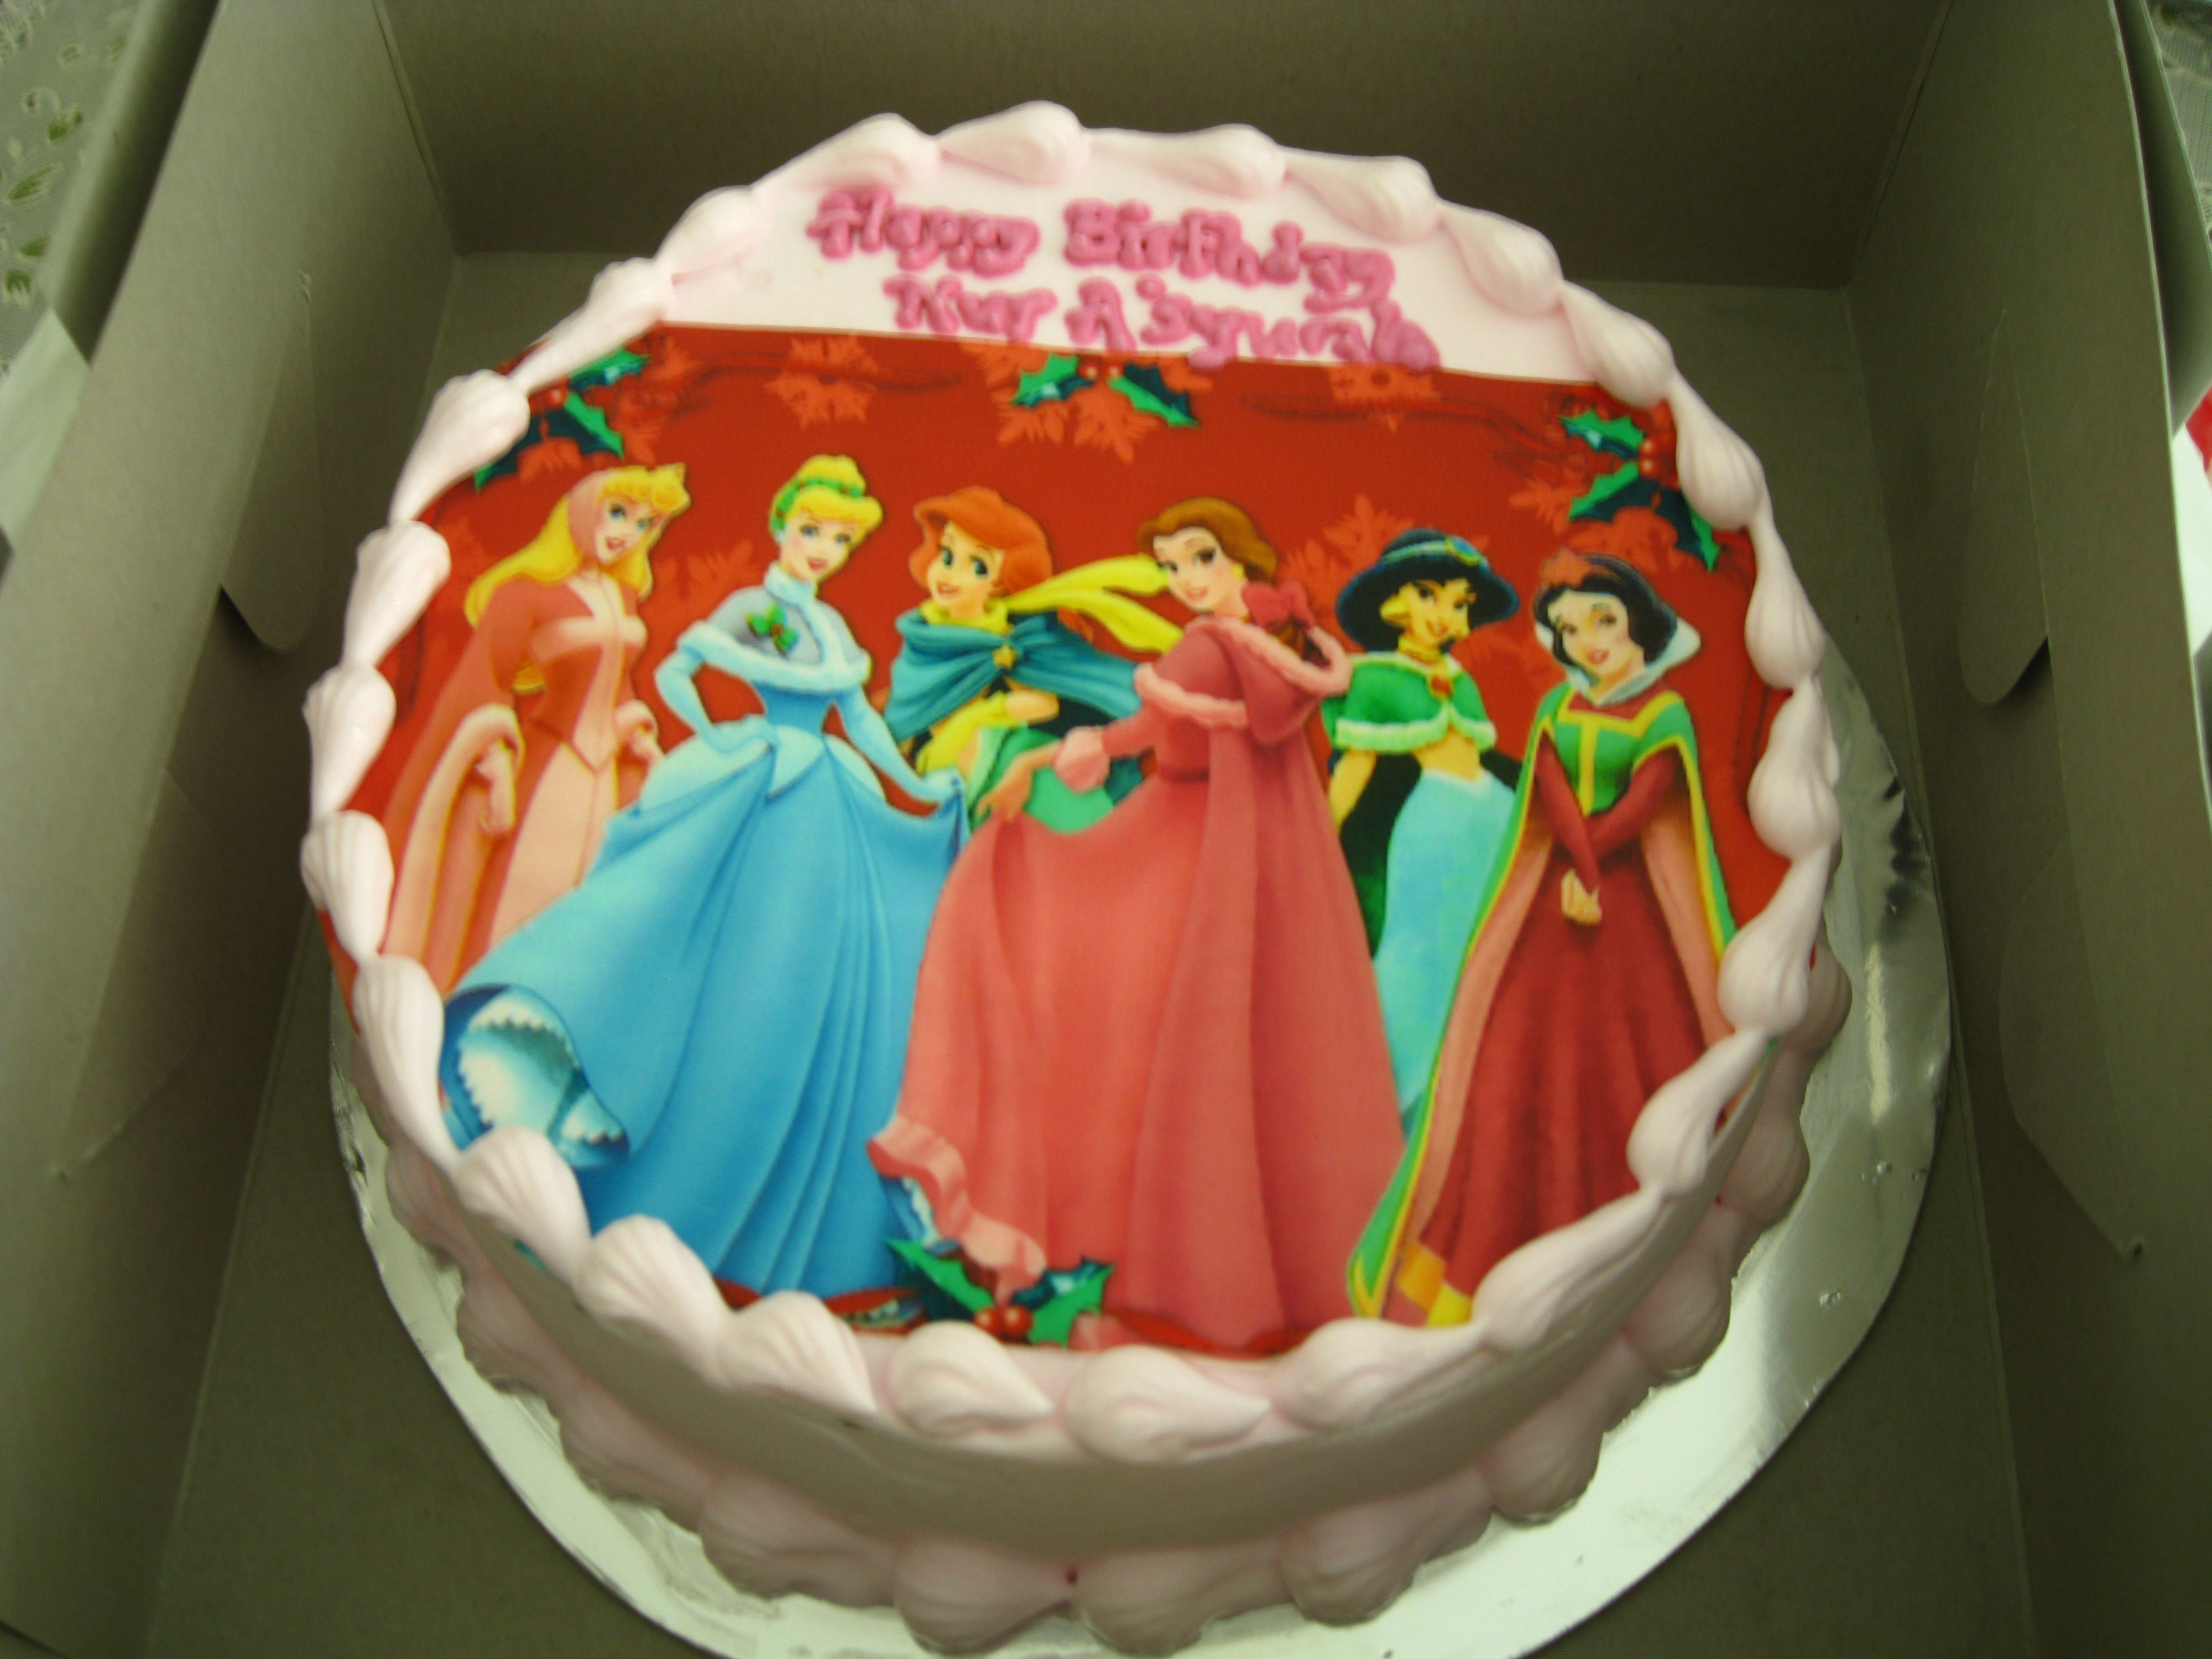 Disney Princess Birthday Cake Buttercup And Friends cakepinscom